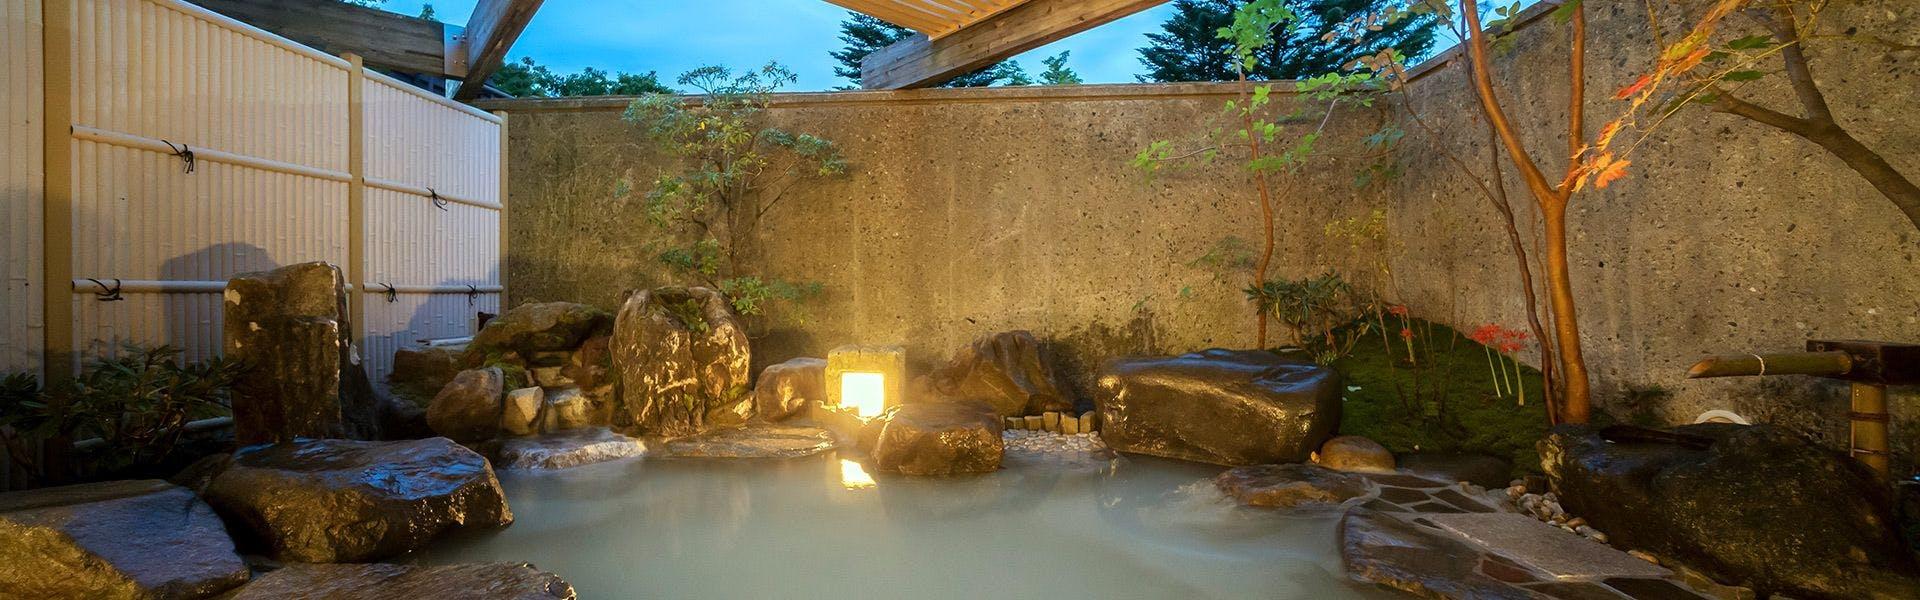 記念日におすすめのホテル・日光中禅寺湖温泉 ホテル 花庵の写真1